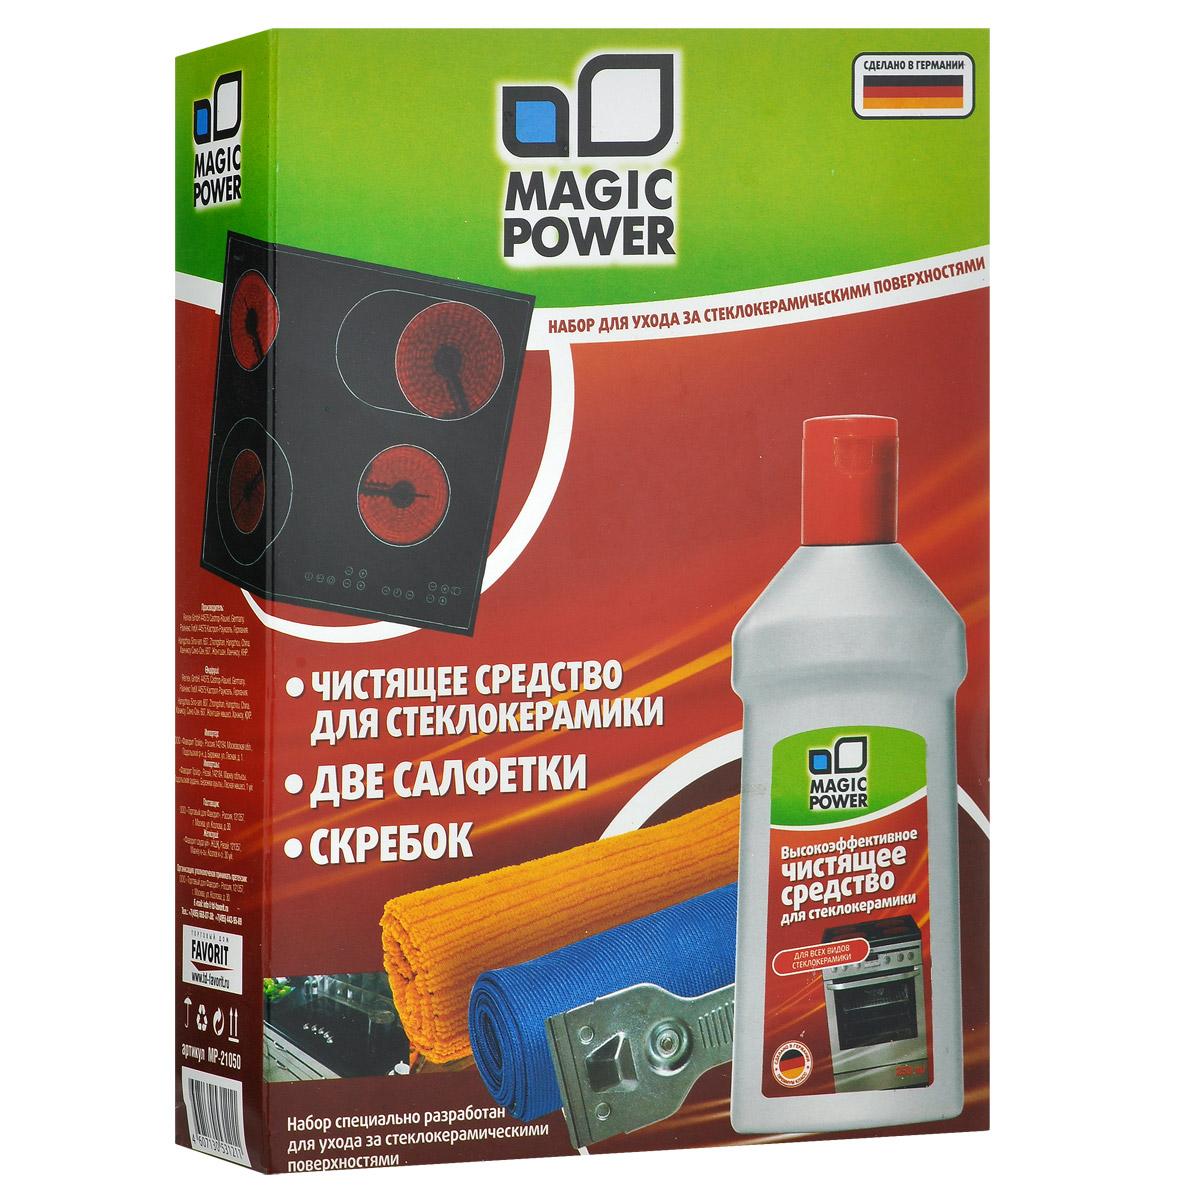 Набор для ухода за поверхностями из стеклокерамики Magic Power, 4 предмета набор для ухода за поверхностями из стеклокерамики magic power 4 предмета